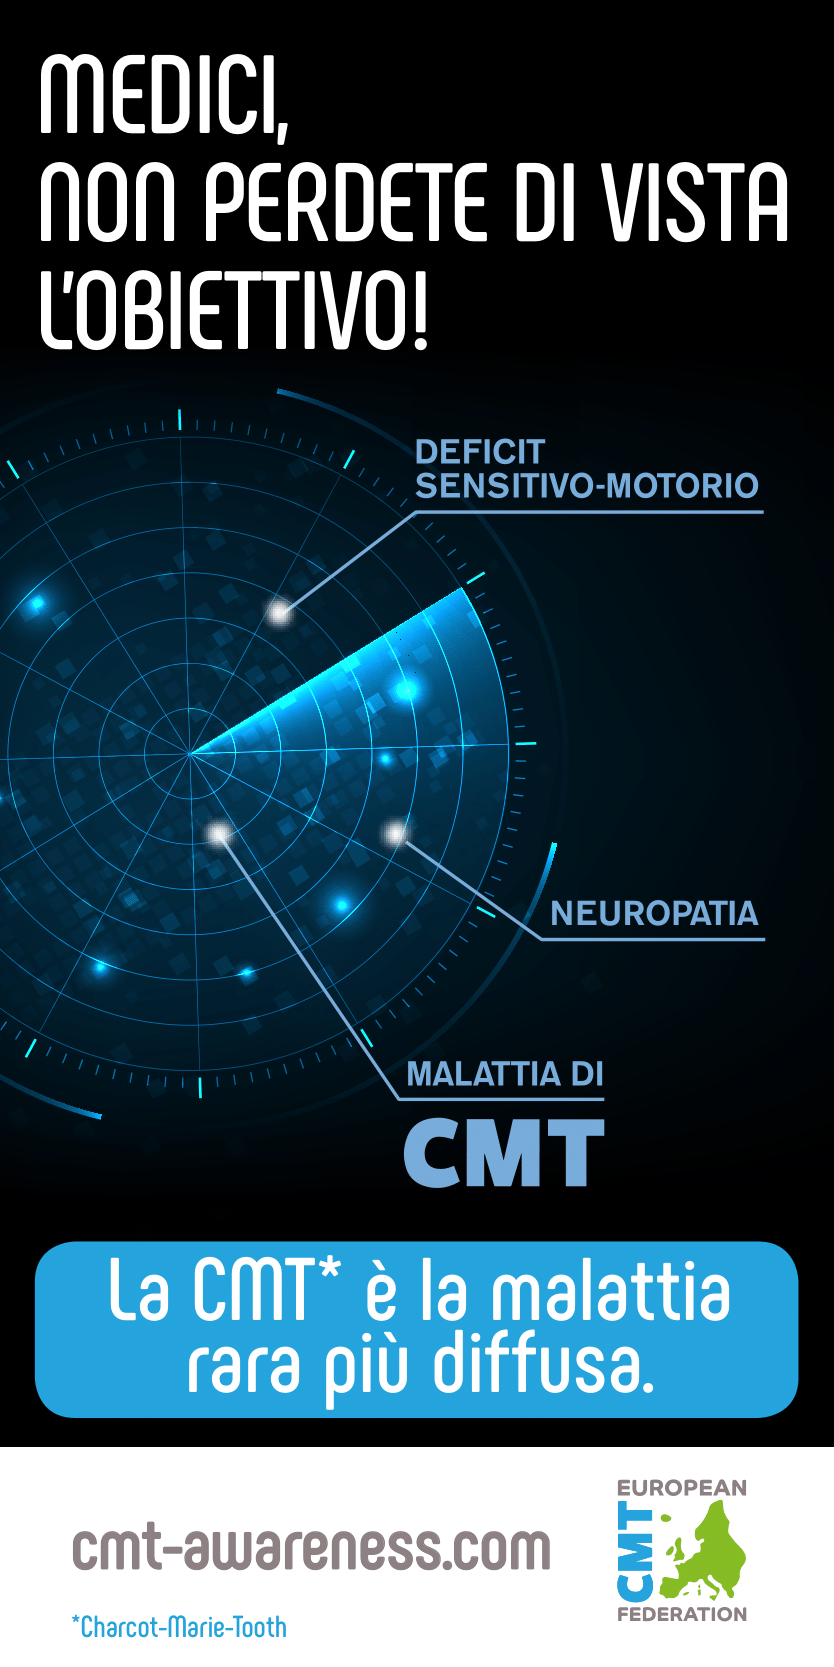 Consapevolezza CMT Medici